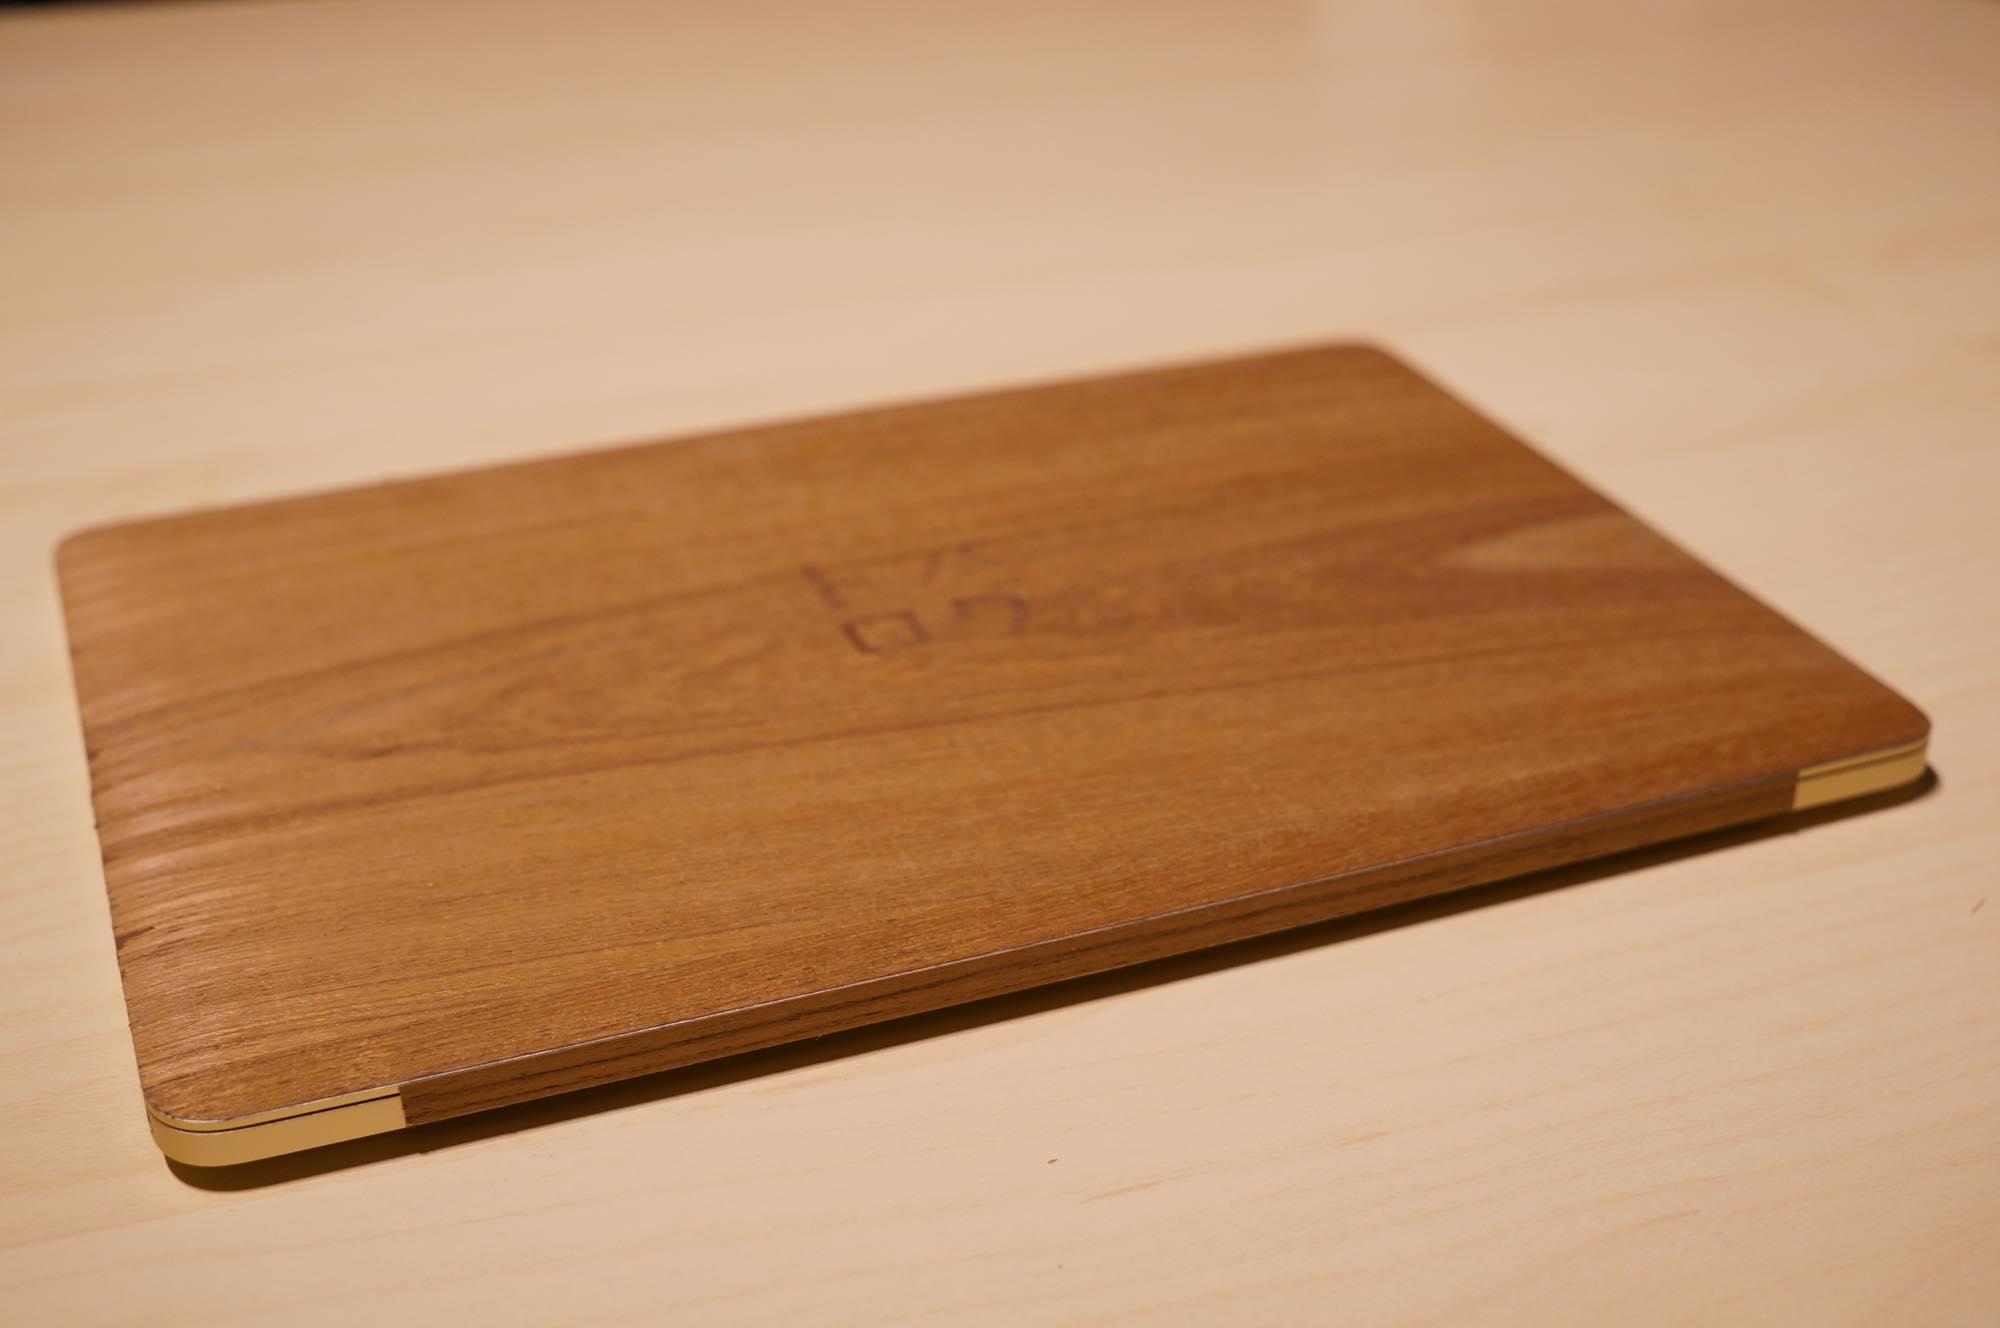 macbook-realwood-skin14